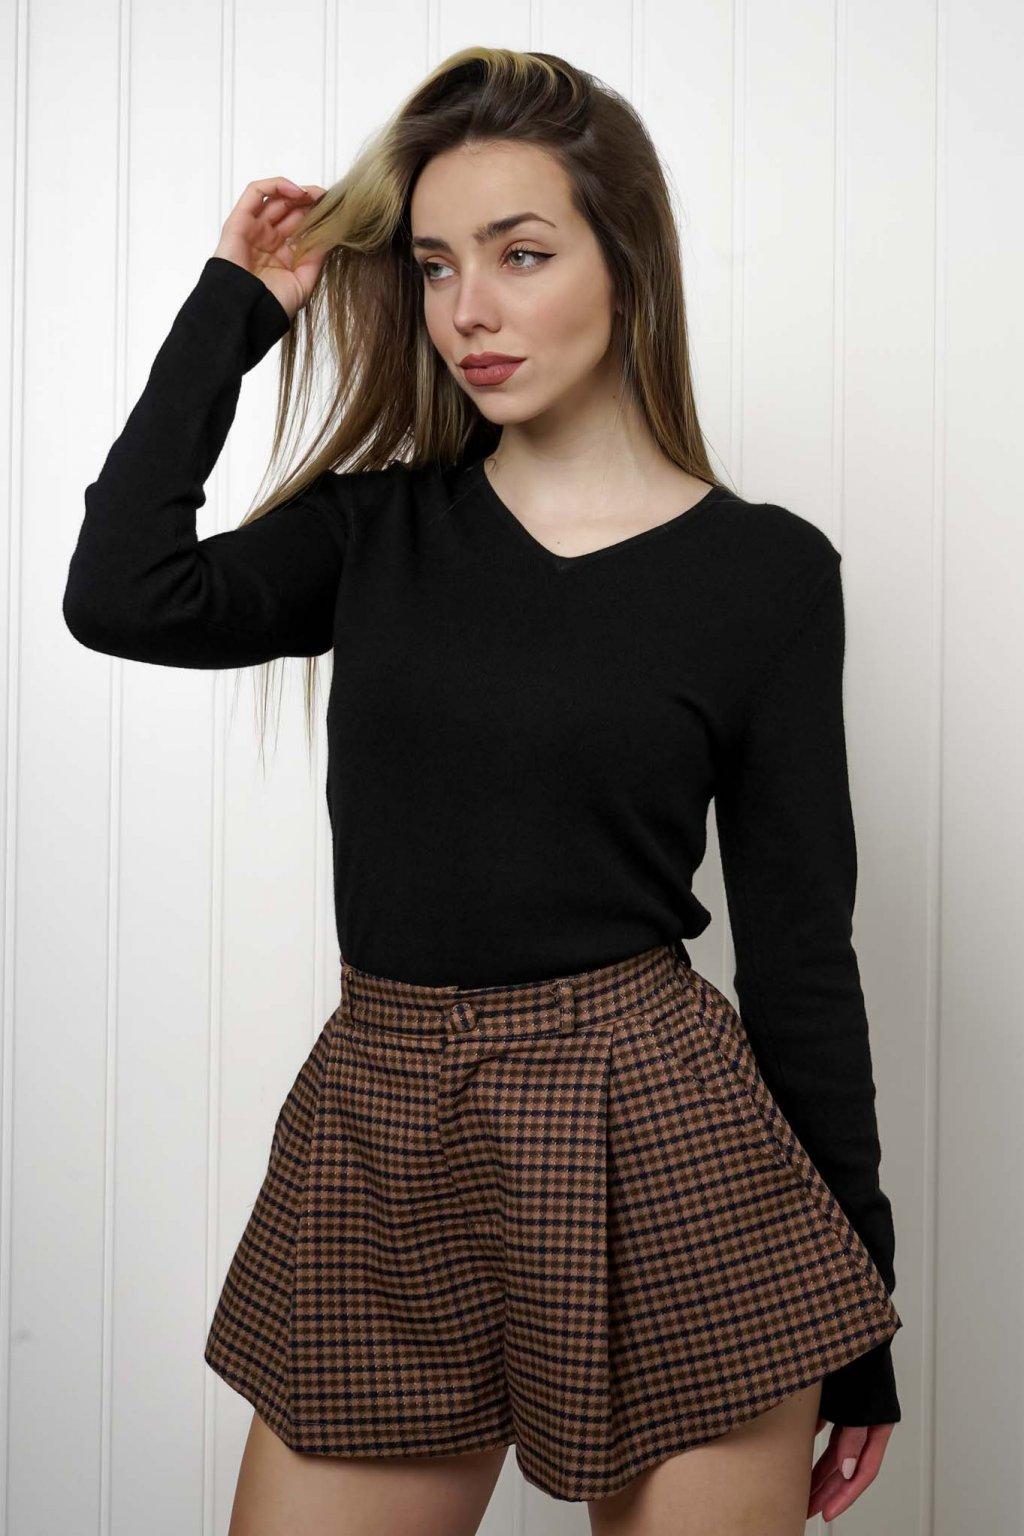 sveter, svetrík, sveter dámsky, úplet, úpletový sveter, jednoduchý sveter, v výstríh, štýlový, chlpatý,vzorovaný, srdiečkový, čierny, biely, farebný, 004